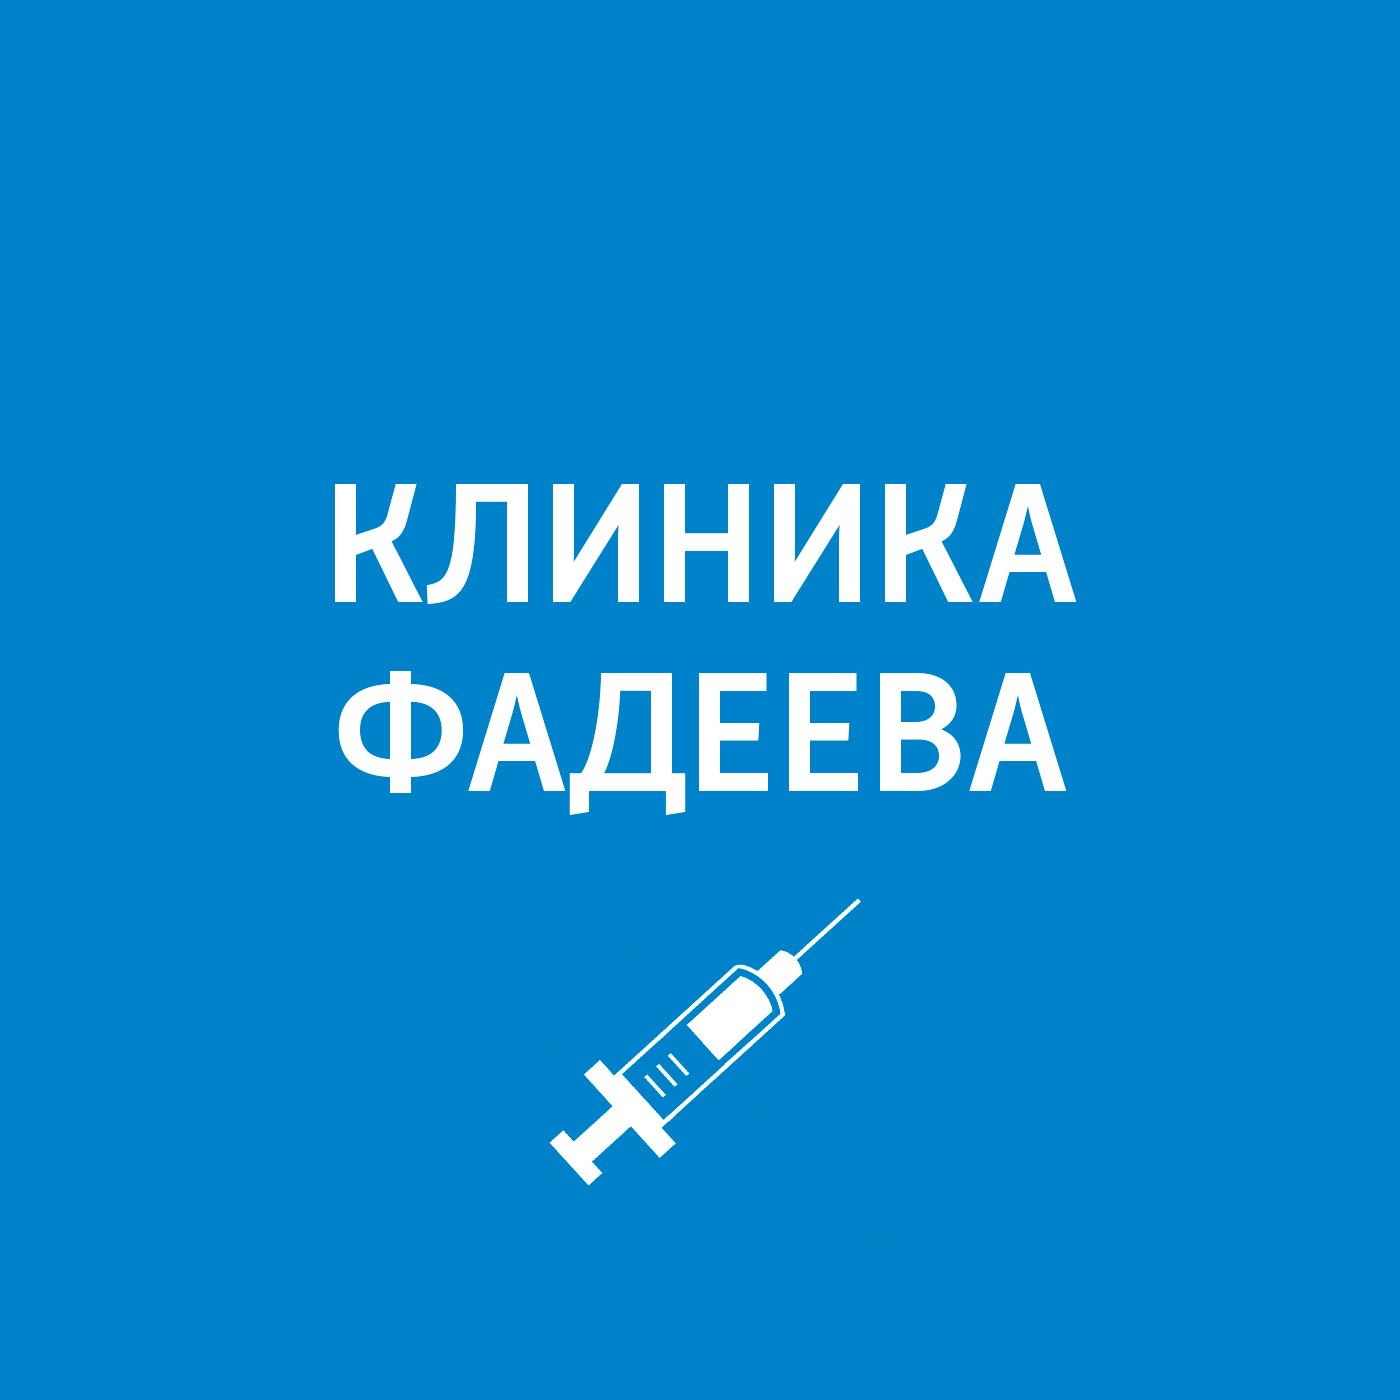 Пётр Фадеев Ухо, горло, нос пётр фадеев ветеринар герпетолог